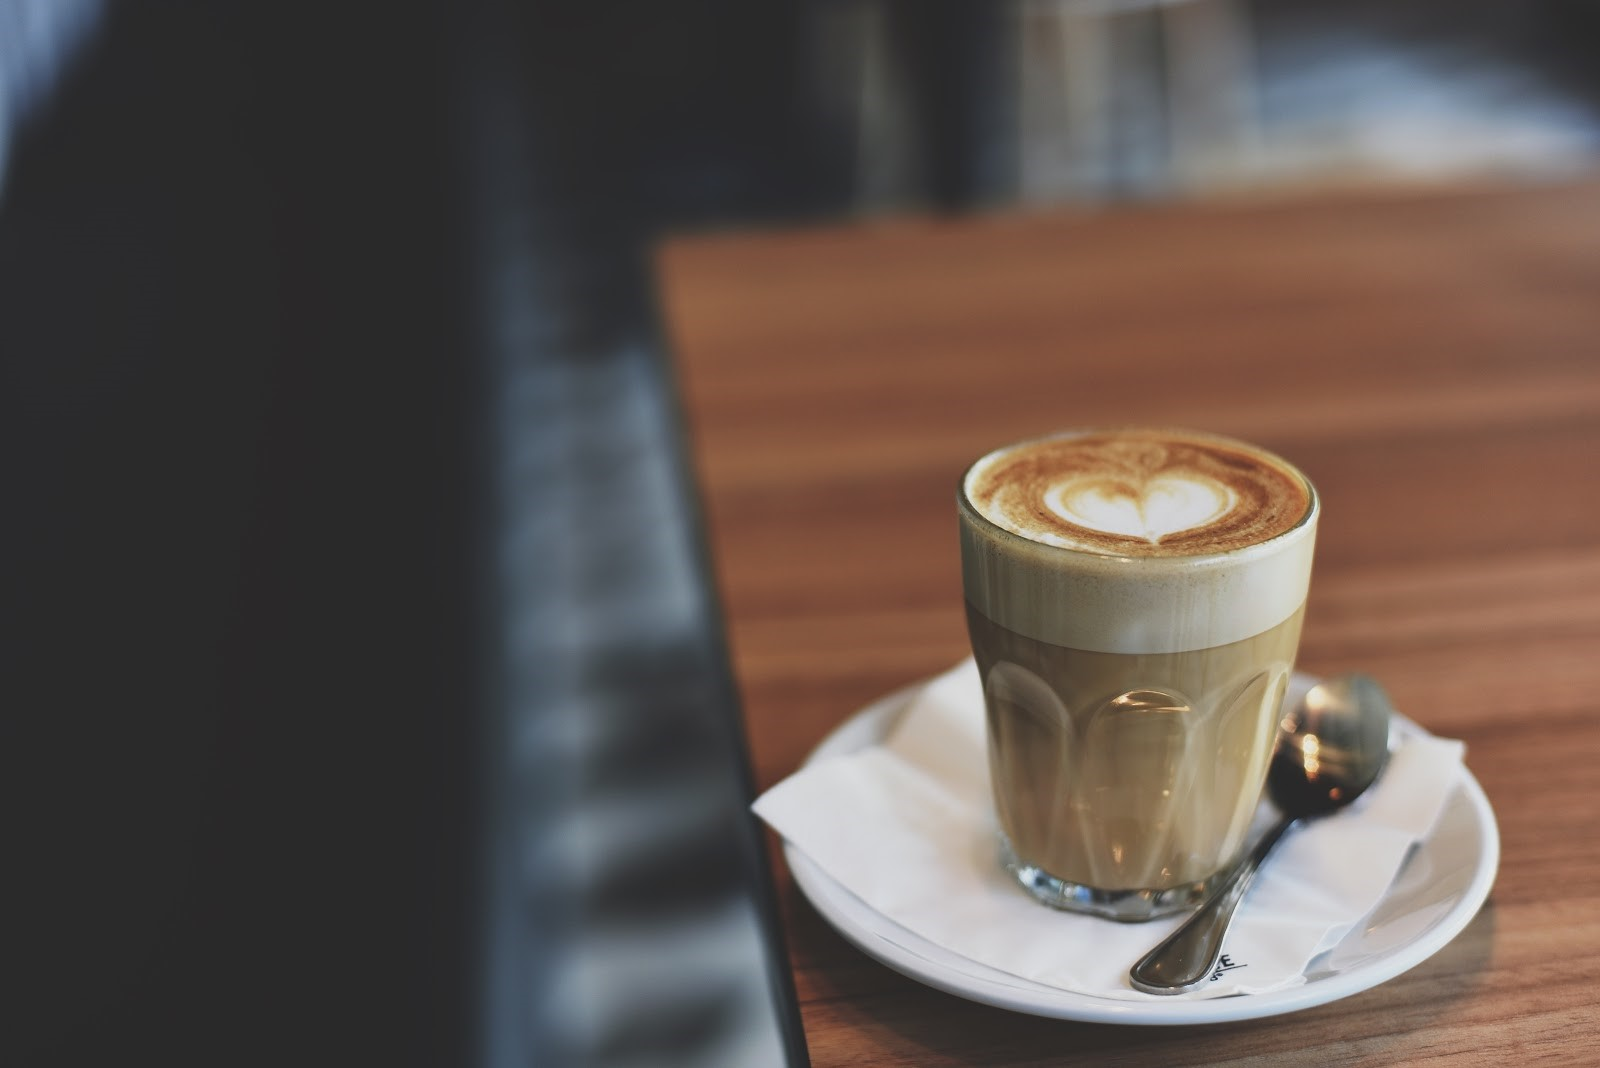 Кофе кортадо: рецепт приготовления и фото — нескучные домохозяйки